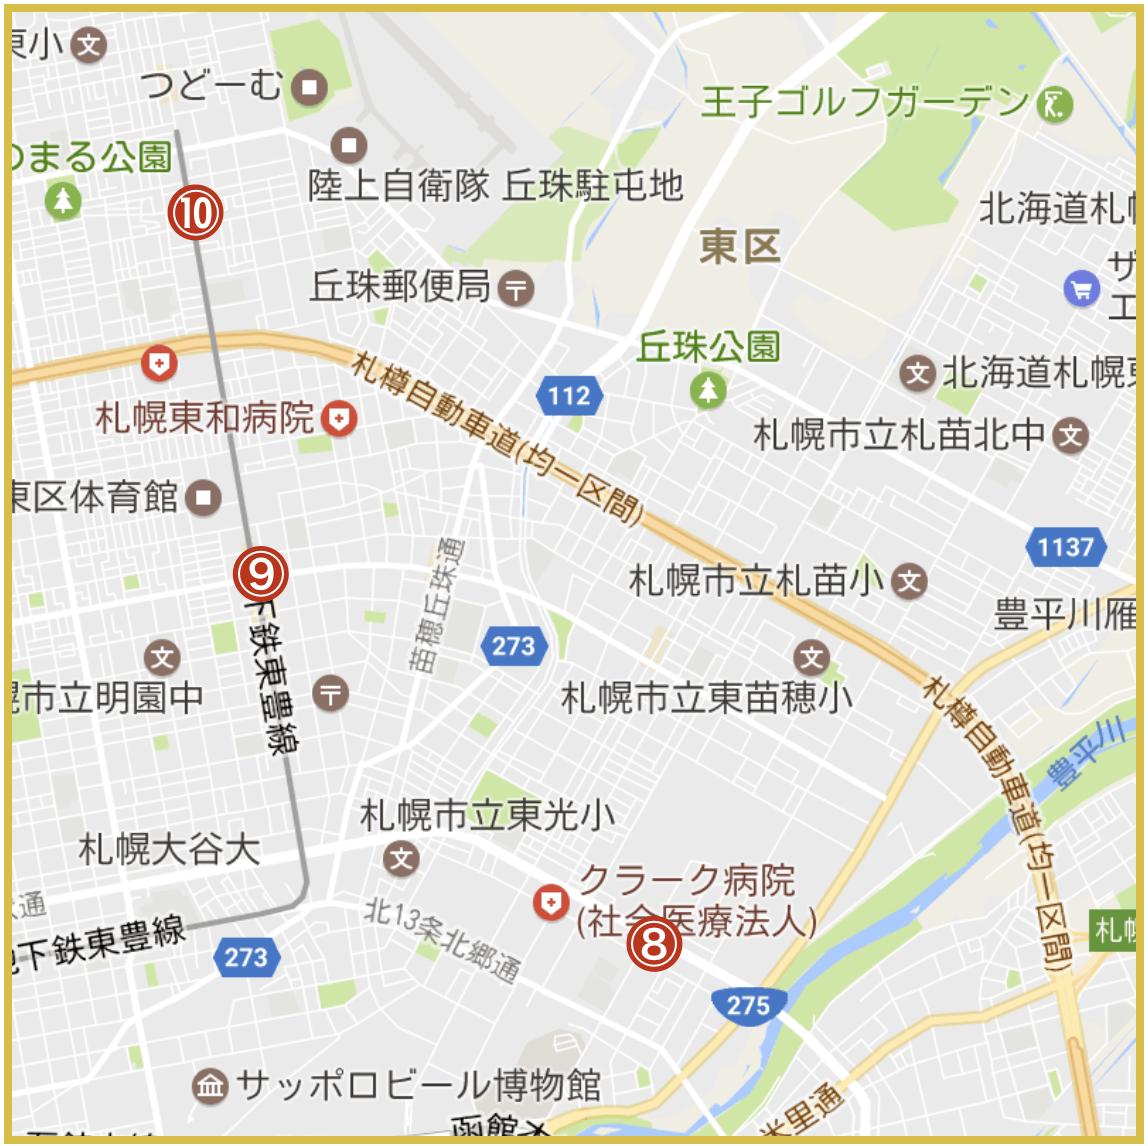 札幌市東区にあるアコム店舗・ATMの位置(2020年4月版)